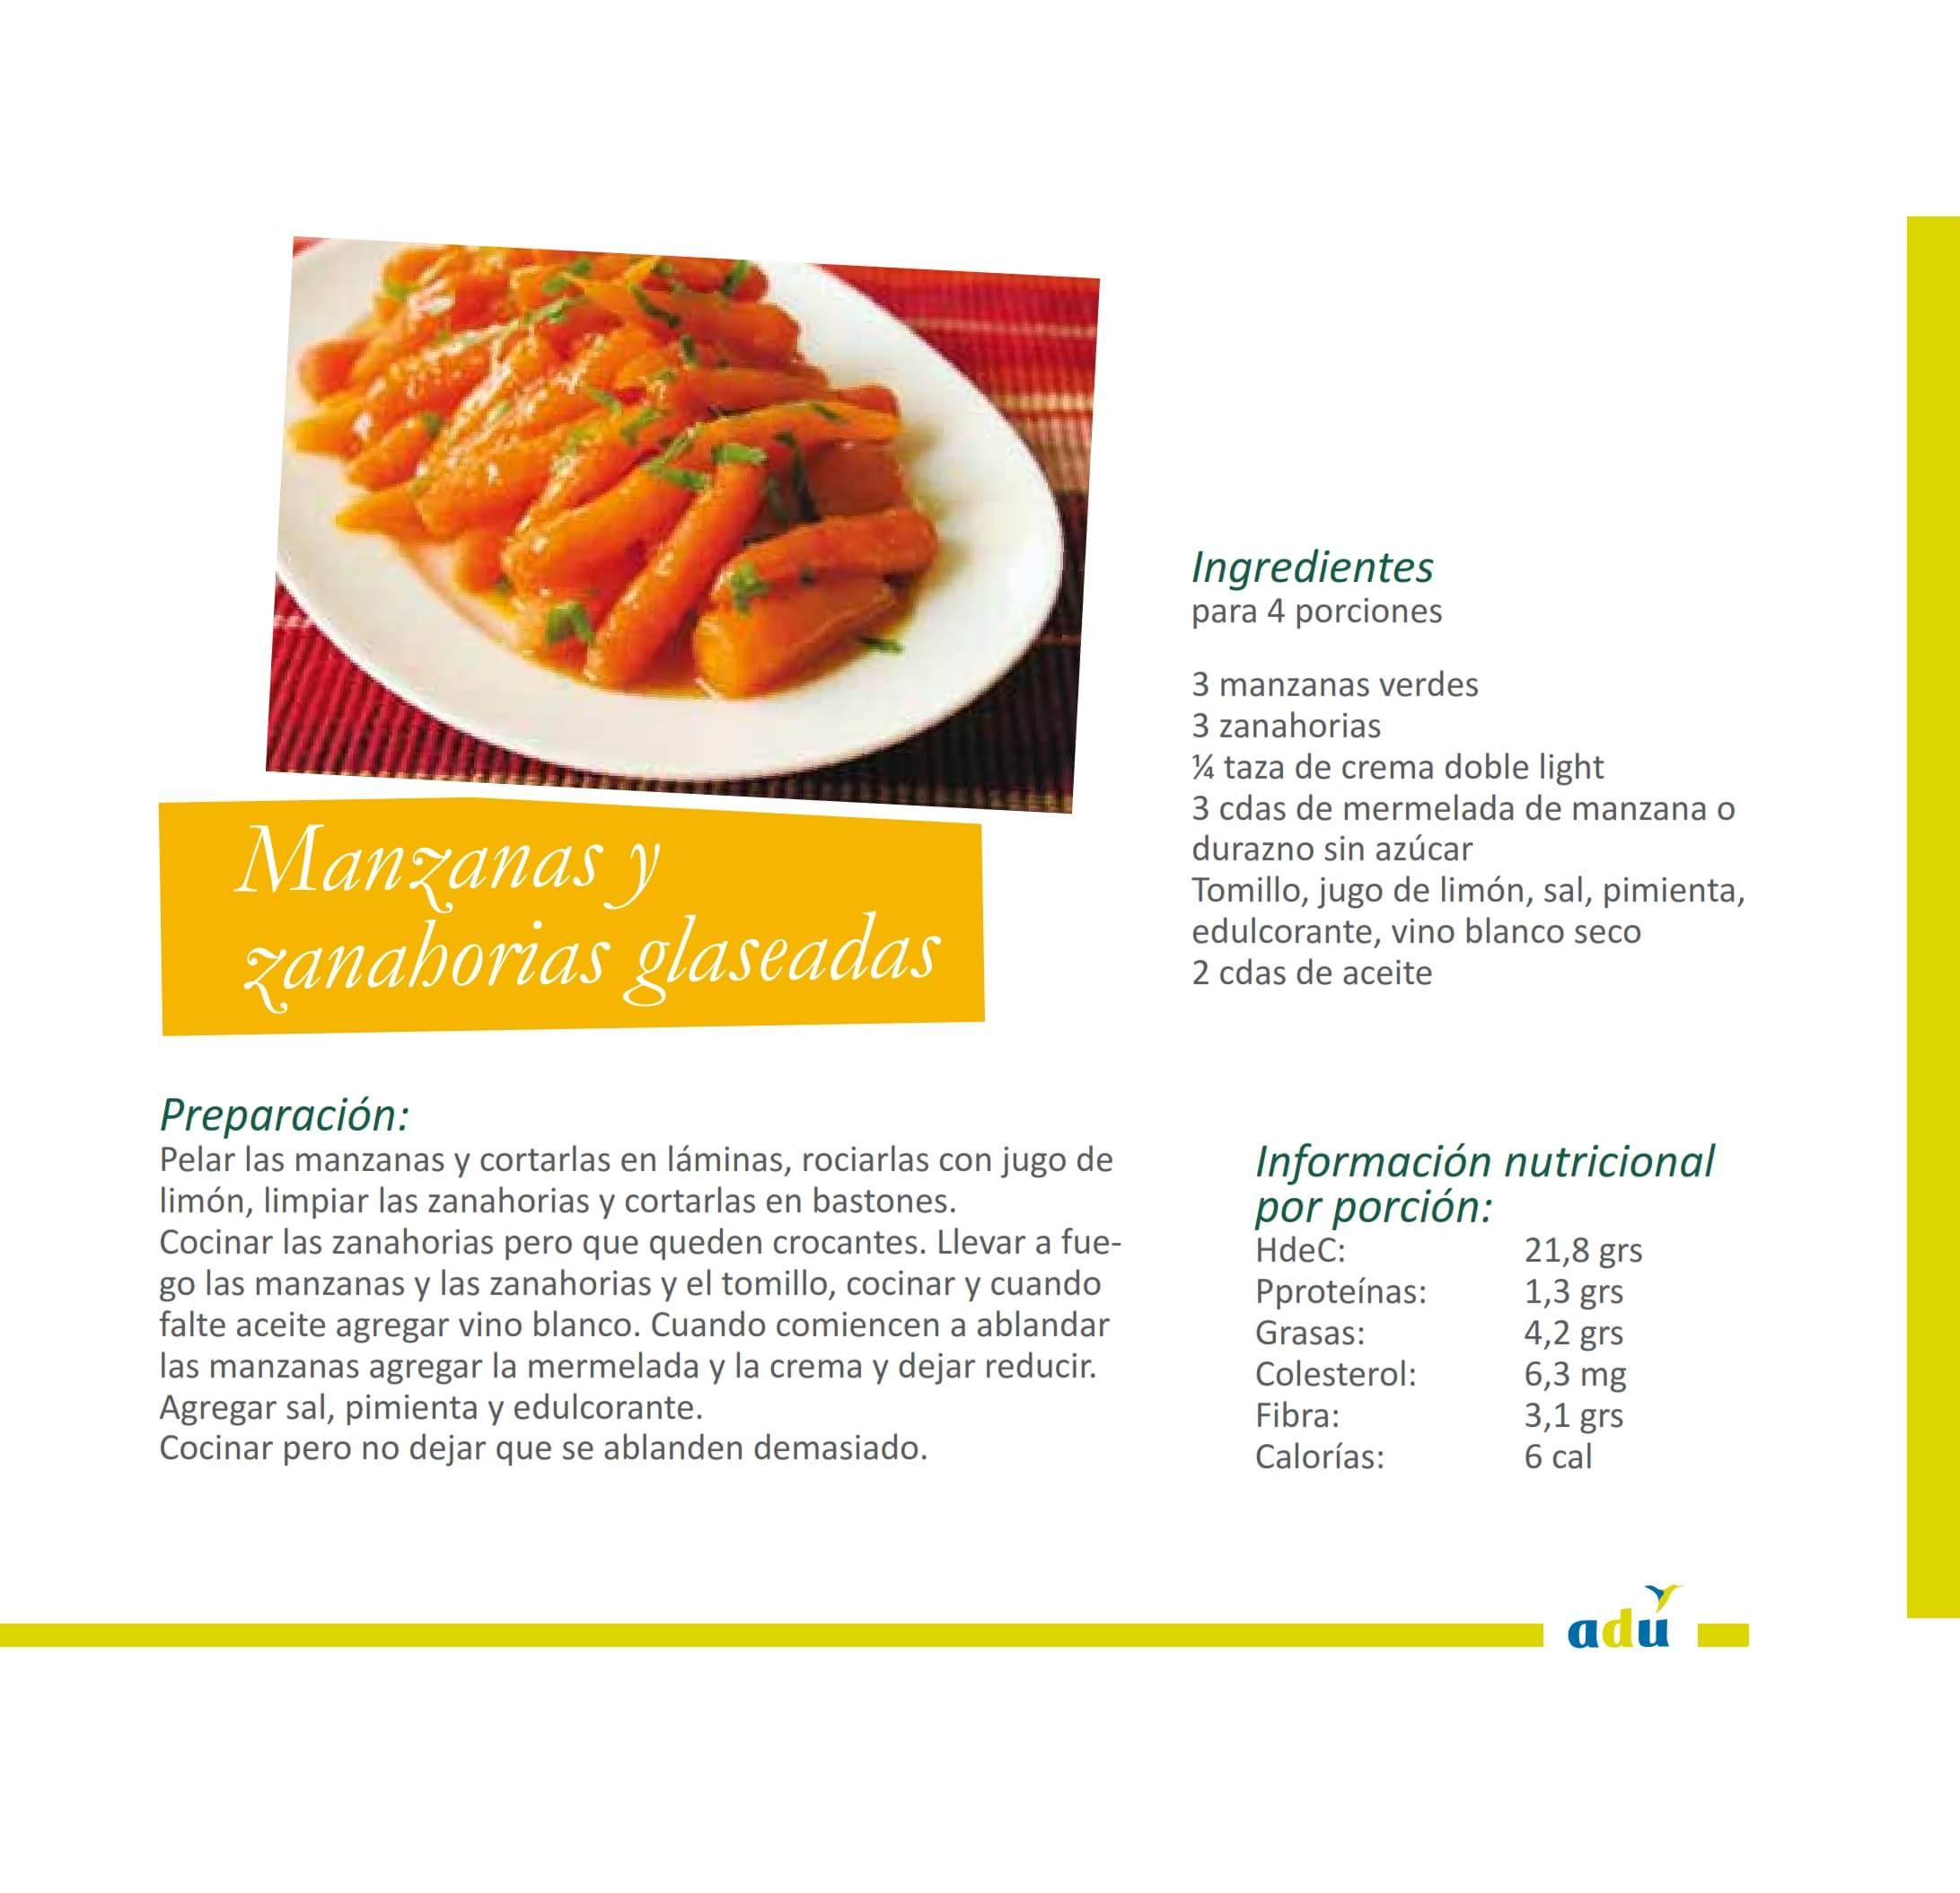 Manzanas y zanahorias glaseadas 001-min